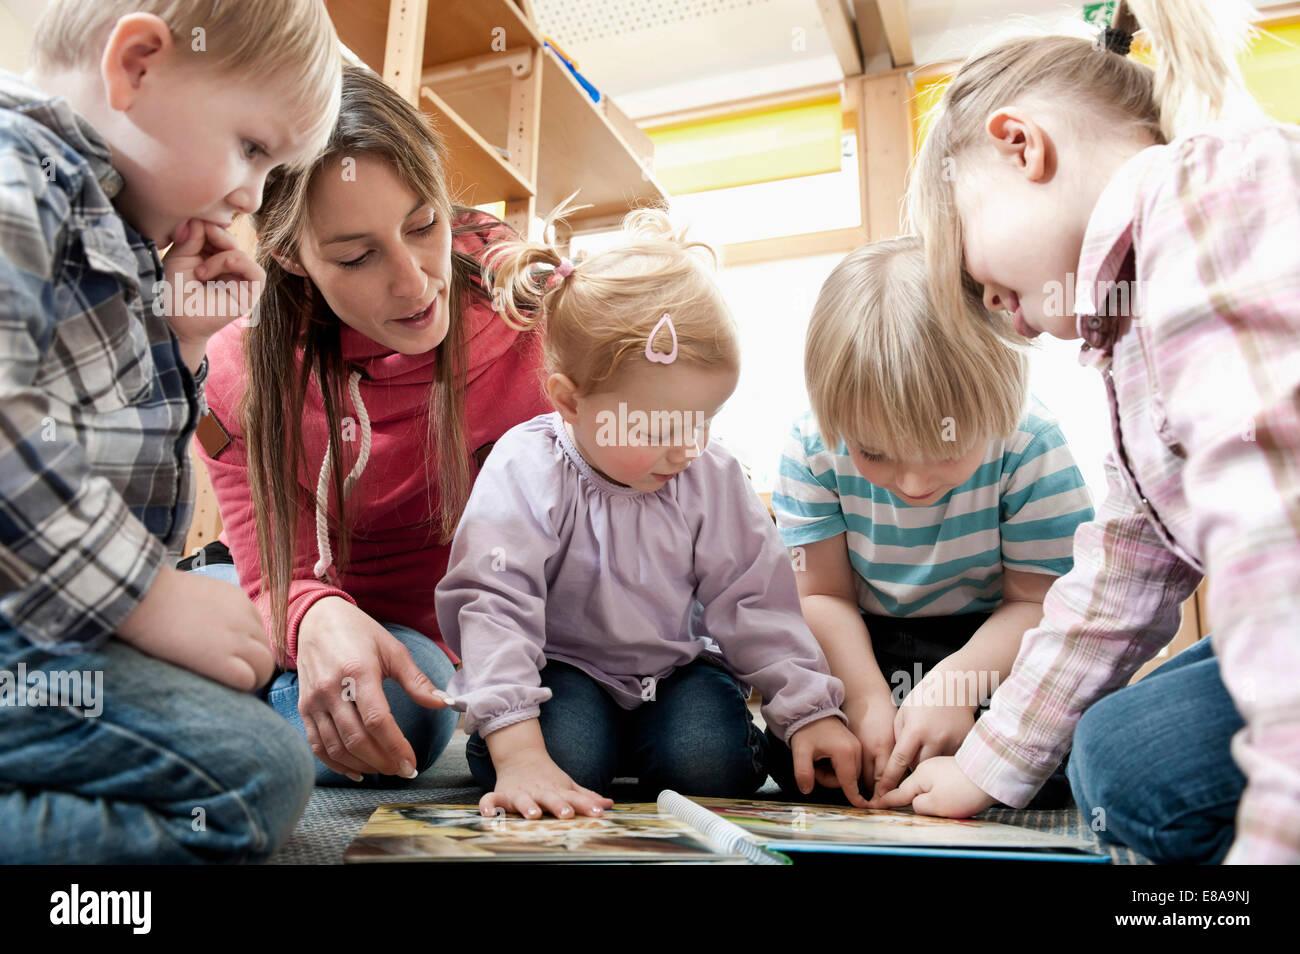 Weibliche Erzieher und vier Kinder Bilderbuch betrachten Stockbild